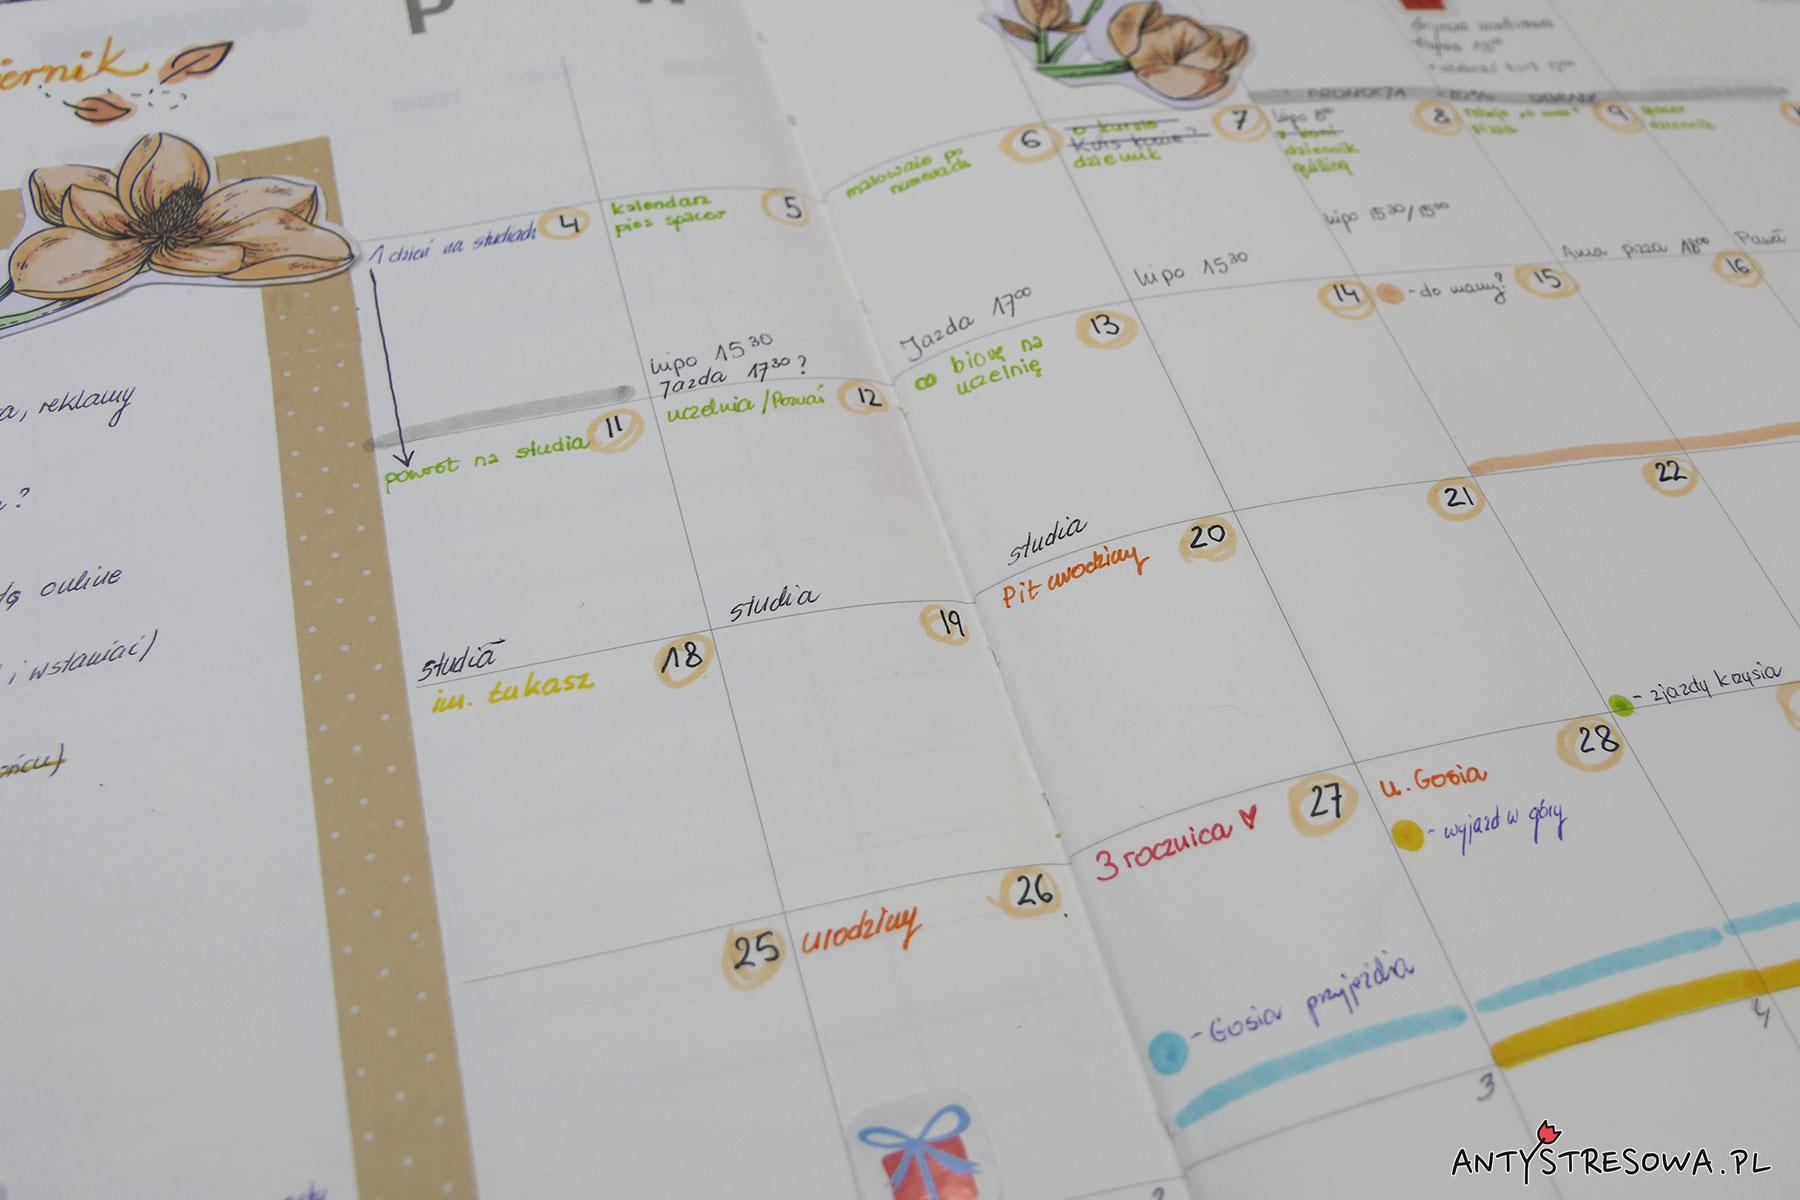 Kalendarz publikacji w BuJo